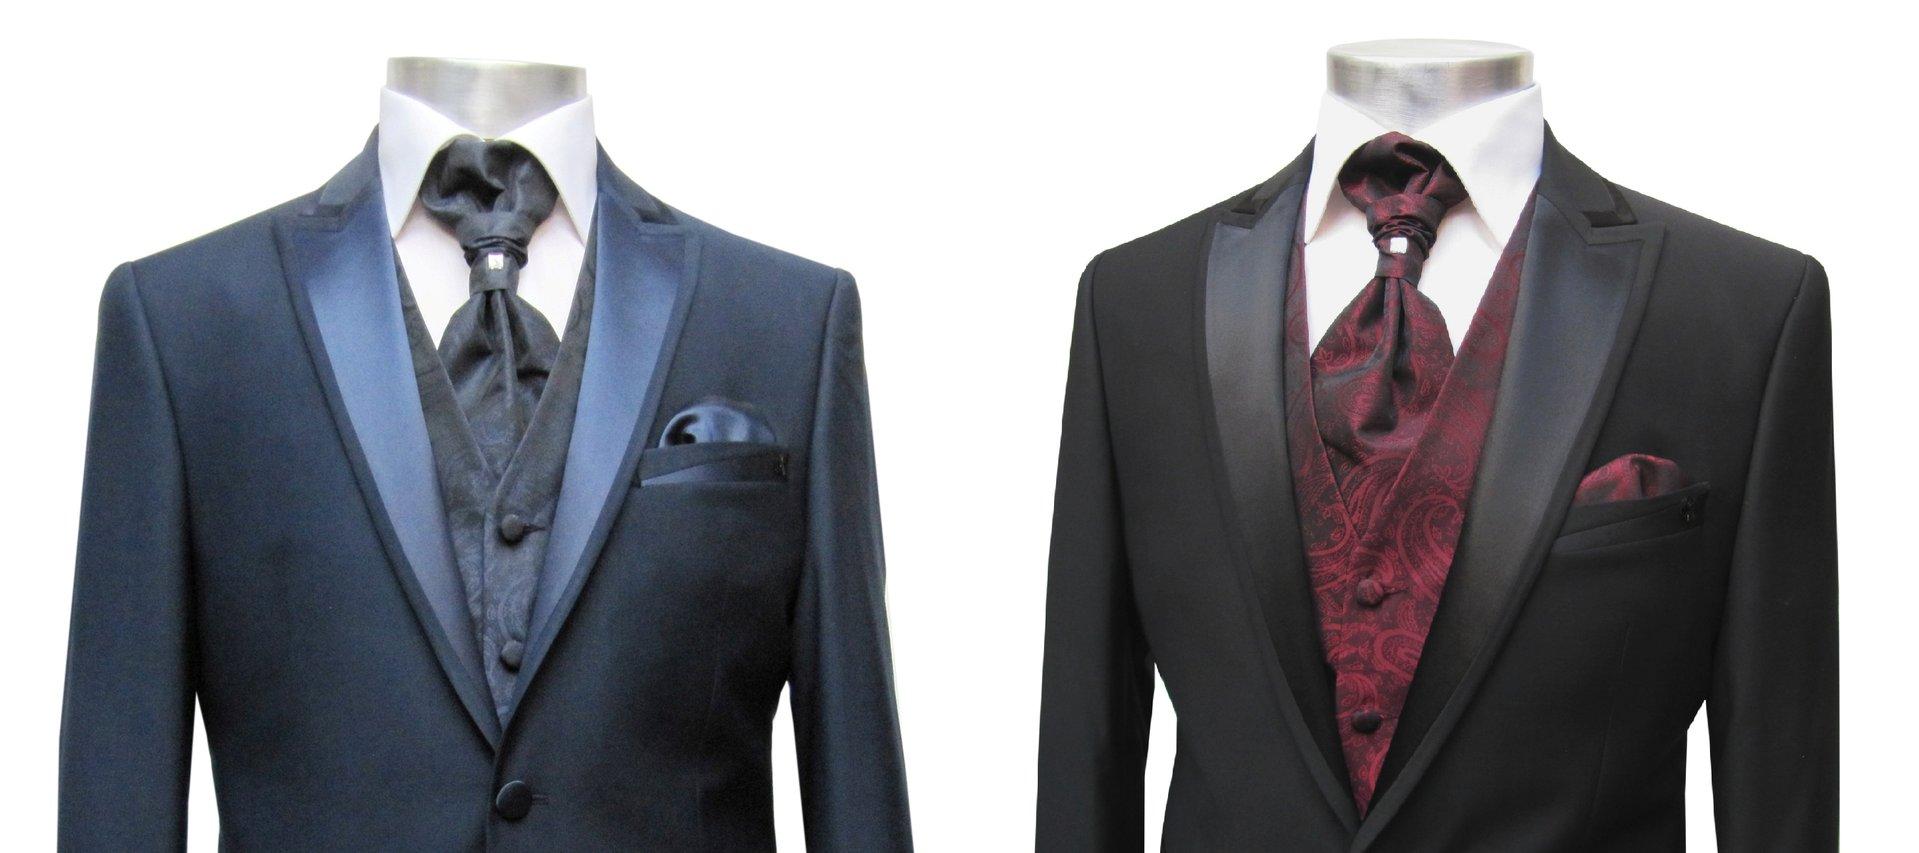 Herren Hochzeit Anzug 2 teilig - Herrenausstatter